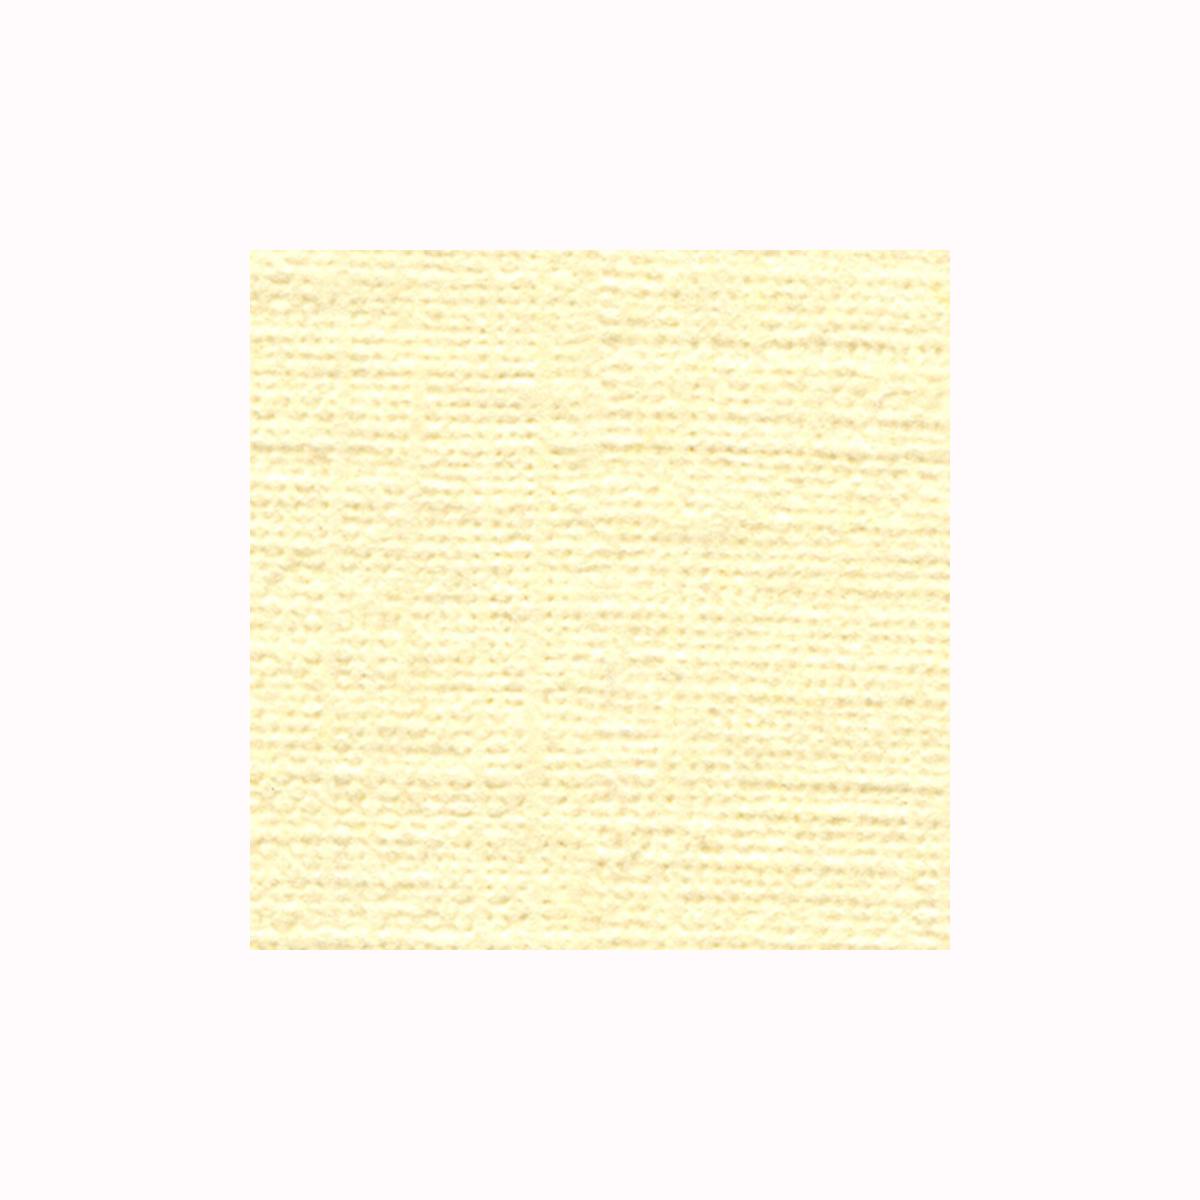 Бумага фактурная Лоза Лен, цвет: слоновая кость, 3 листа. 582216SS 4041Фактурная бумага для скрапбукинга Лоза Лен позволит создать красивый альбом, фоторамку или открытку ручной работы, оформить подарок или аппликацию. Набор включает в себя 3 листа из плотной бумаги.Скрапбукинг - это хобби, которое способно приносить массу приятных эмоций не только человеку, который этим занимается, но и его близким, друзьям, родным. Это невероятно увлекательное занятие, которое поможет вам сохранить наиболее памятные и яркие моменты вашей жизни, а также интересно оформить интерьер дома. Плотность бумаги: 200 г/м2.